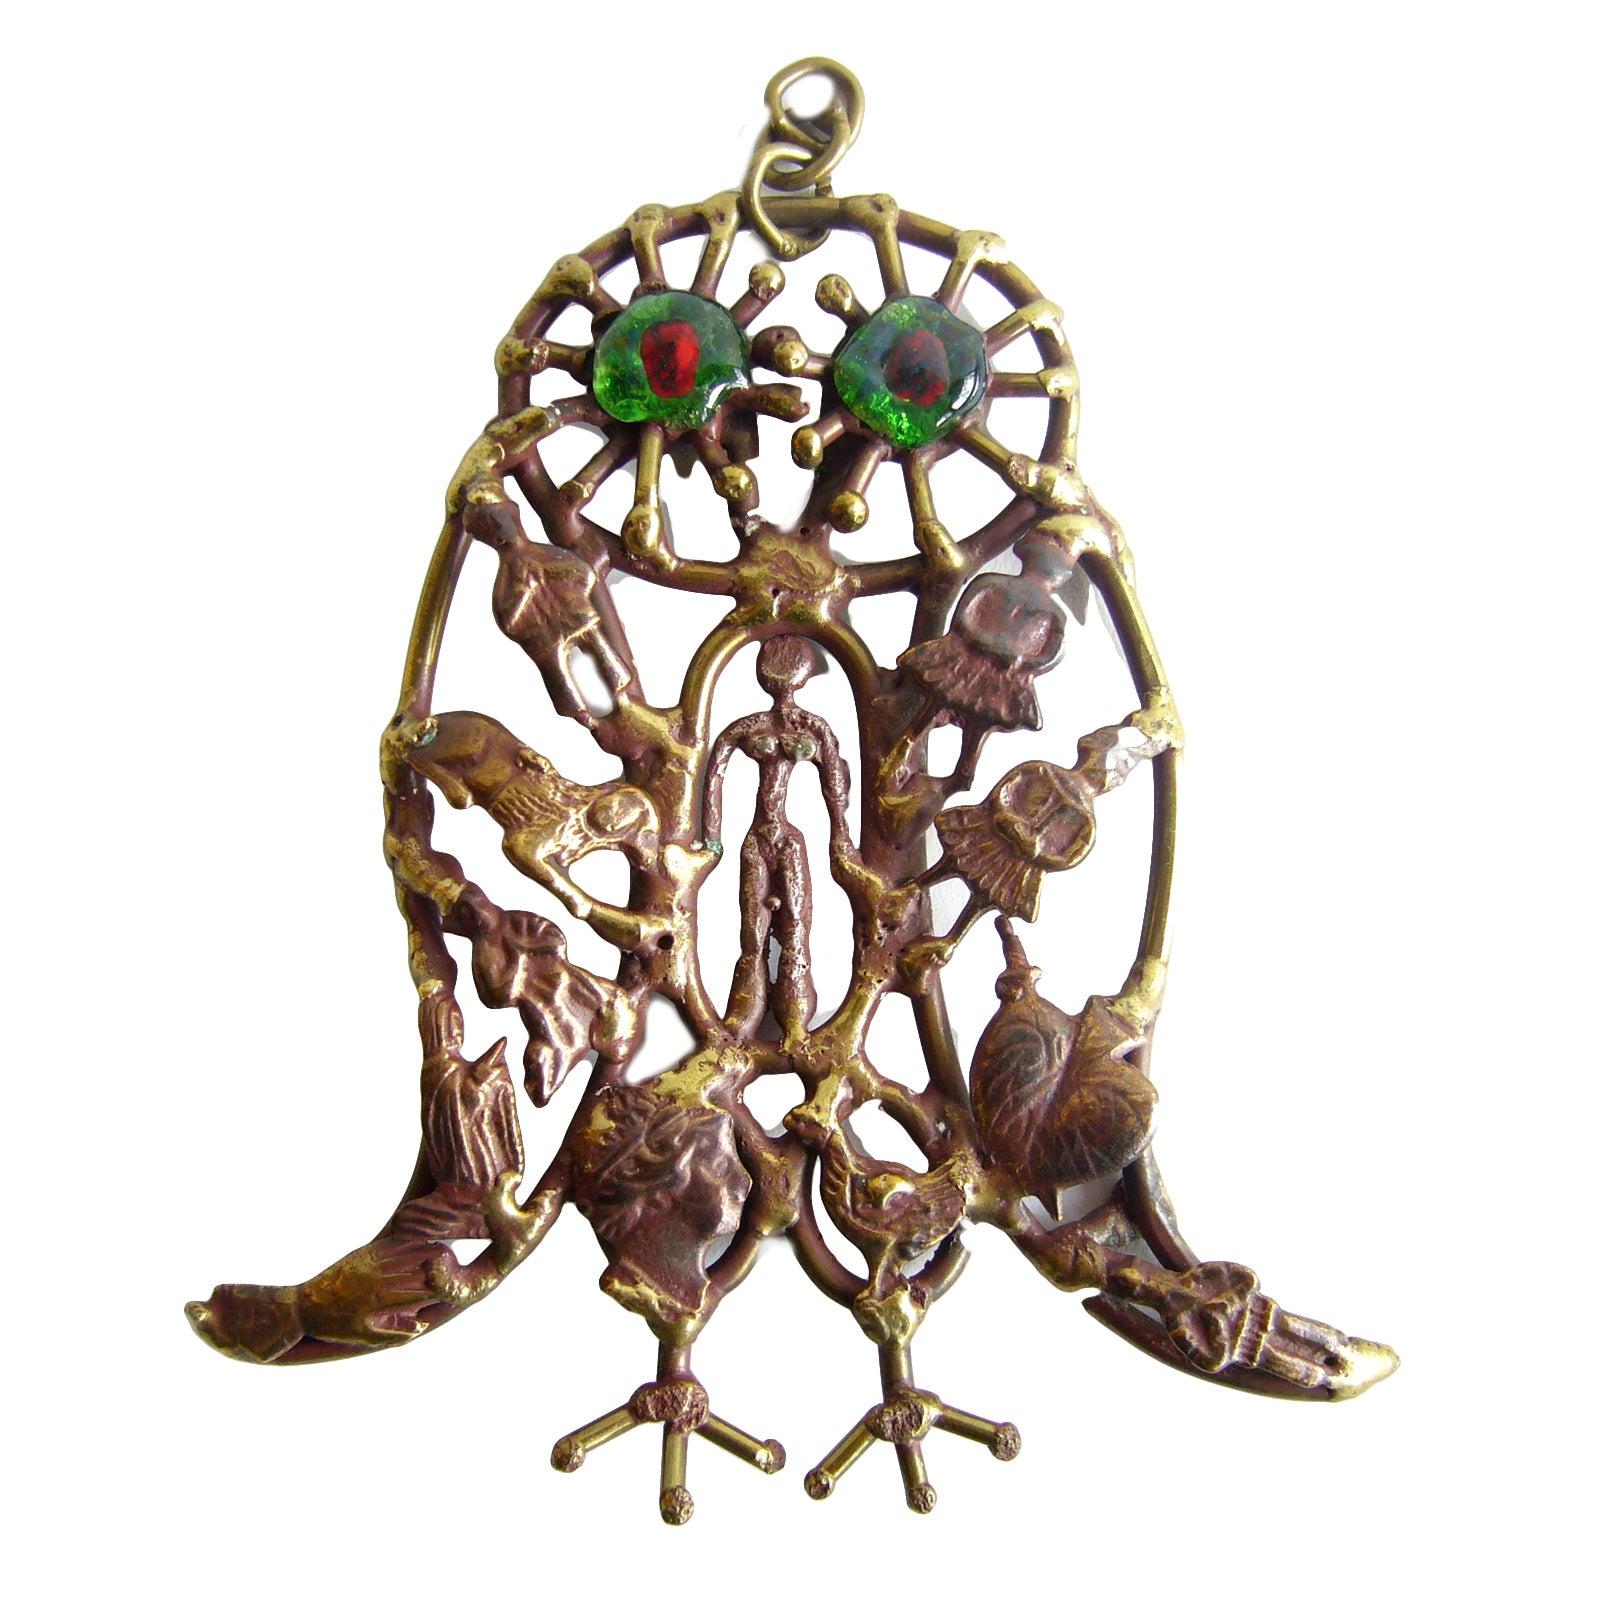 Pal Kepenyes Bronze Glass Milagro Owl Pendant Necklace